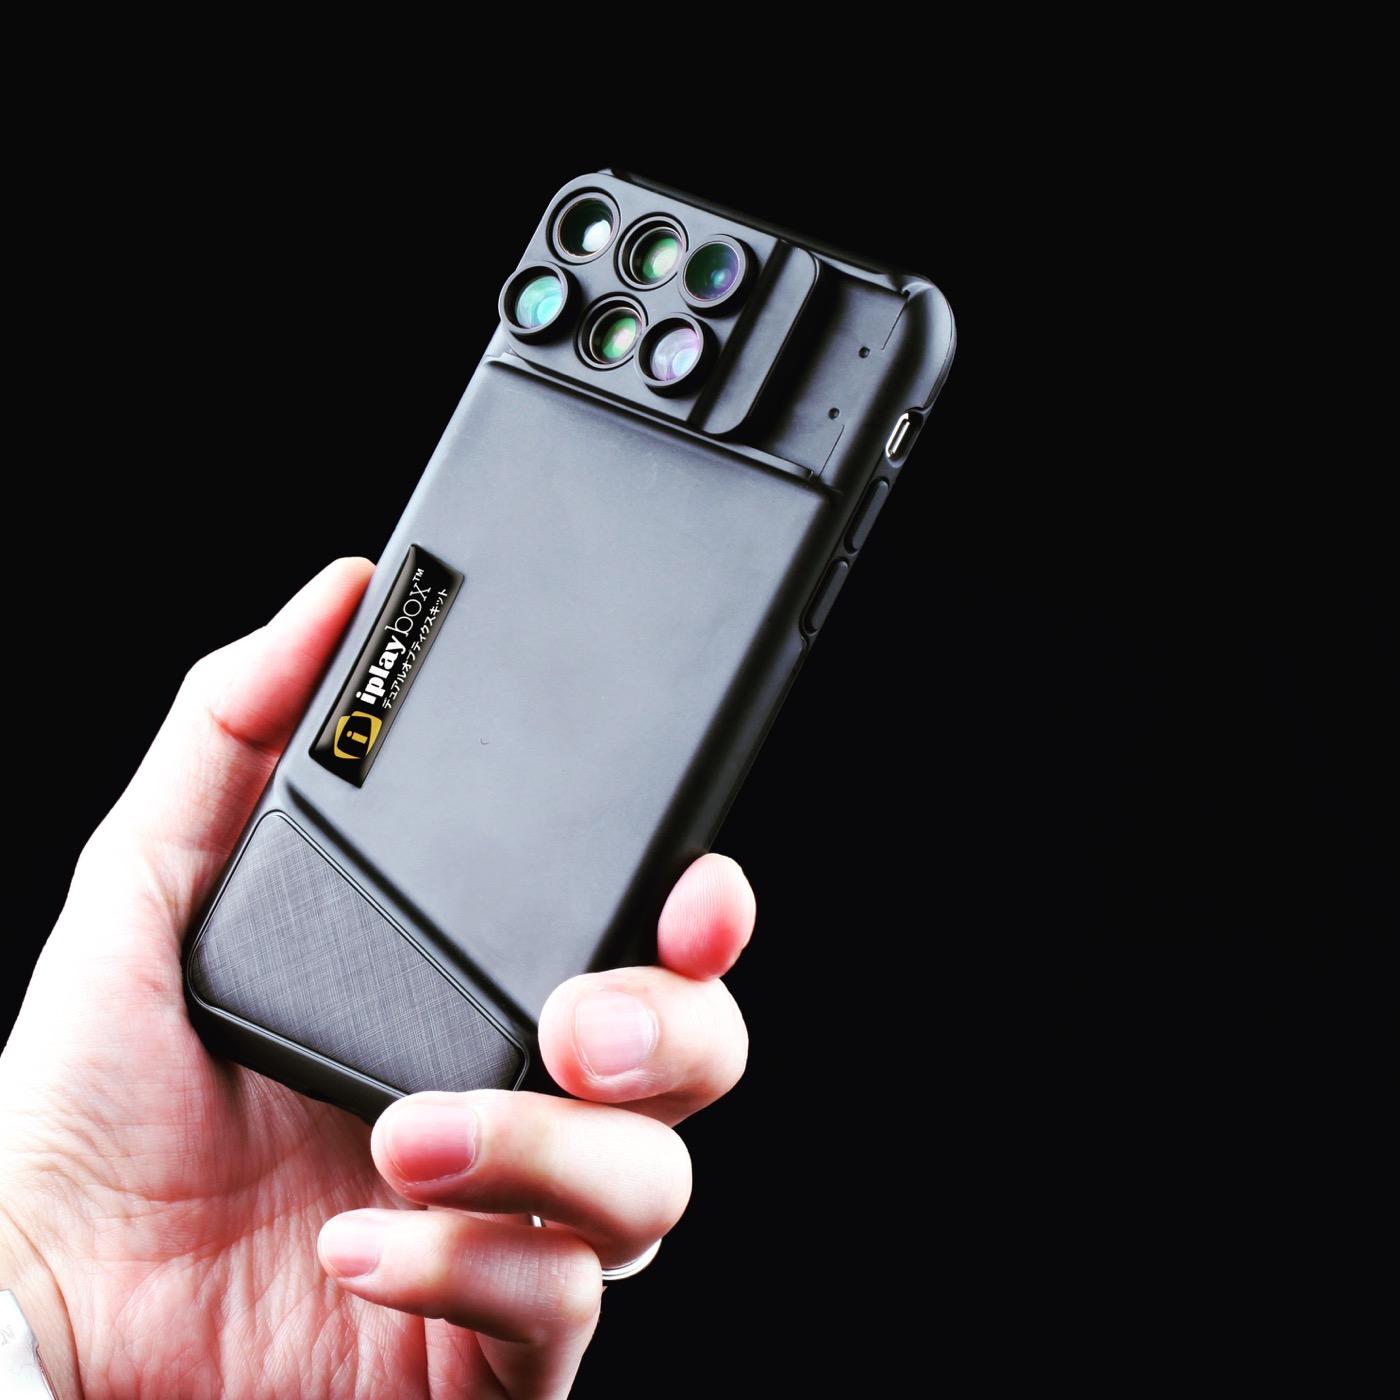 6つのレンズが搭載されたレンズ一体型ケース「DUAL OPTICS」の「iPhone X」対応モデルが登場